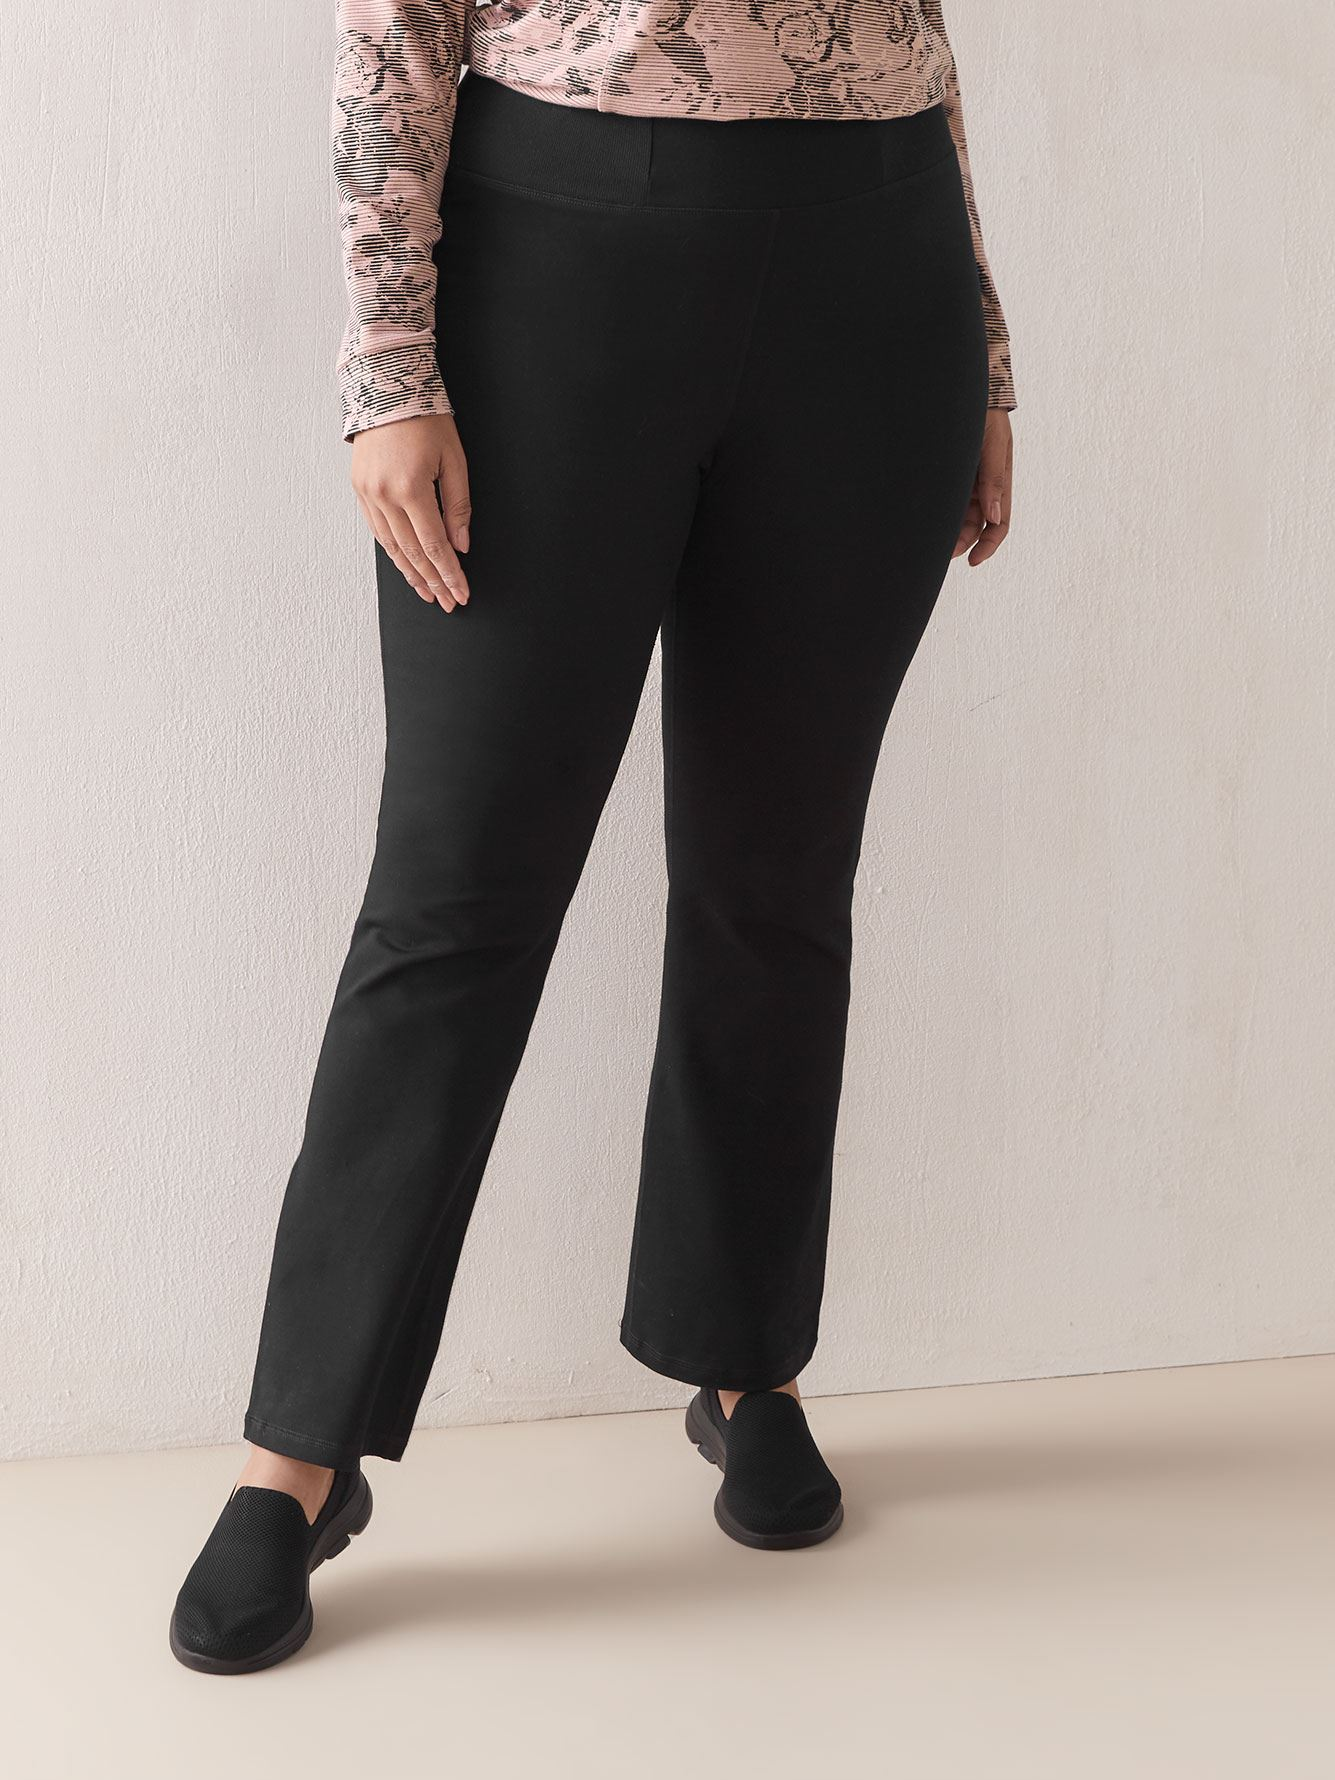 Petite, Pantalon de yoga basique - ActiveZone